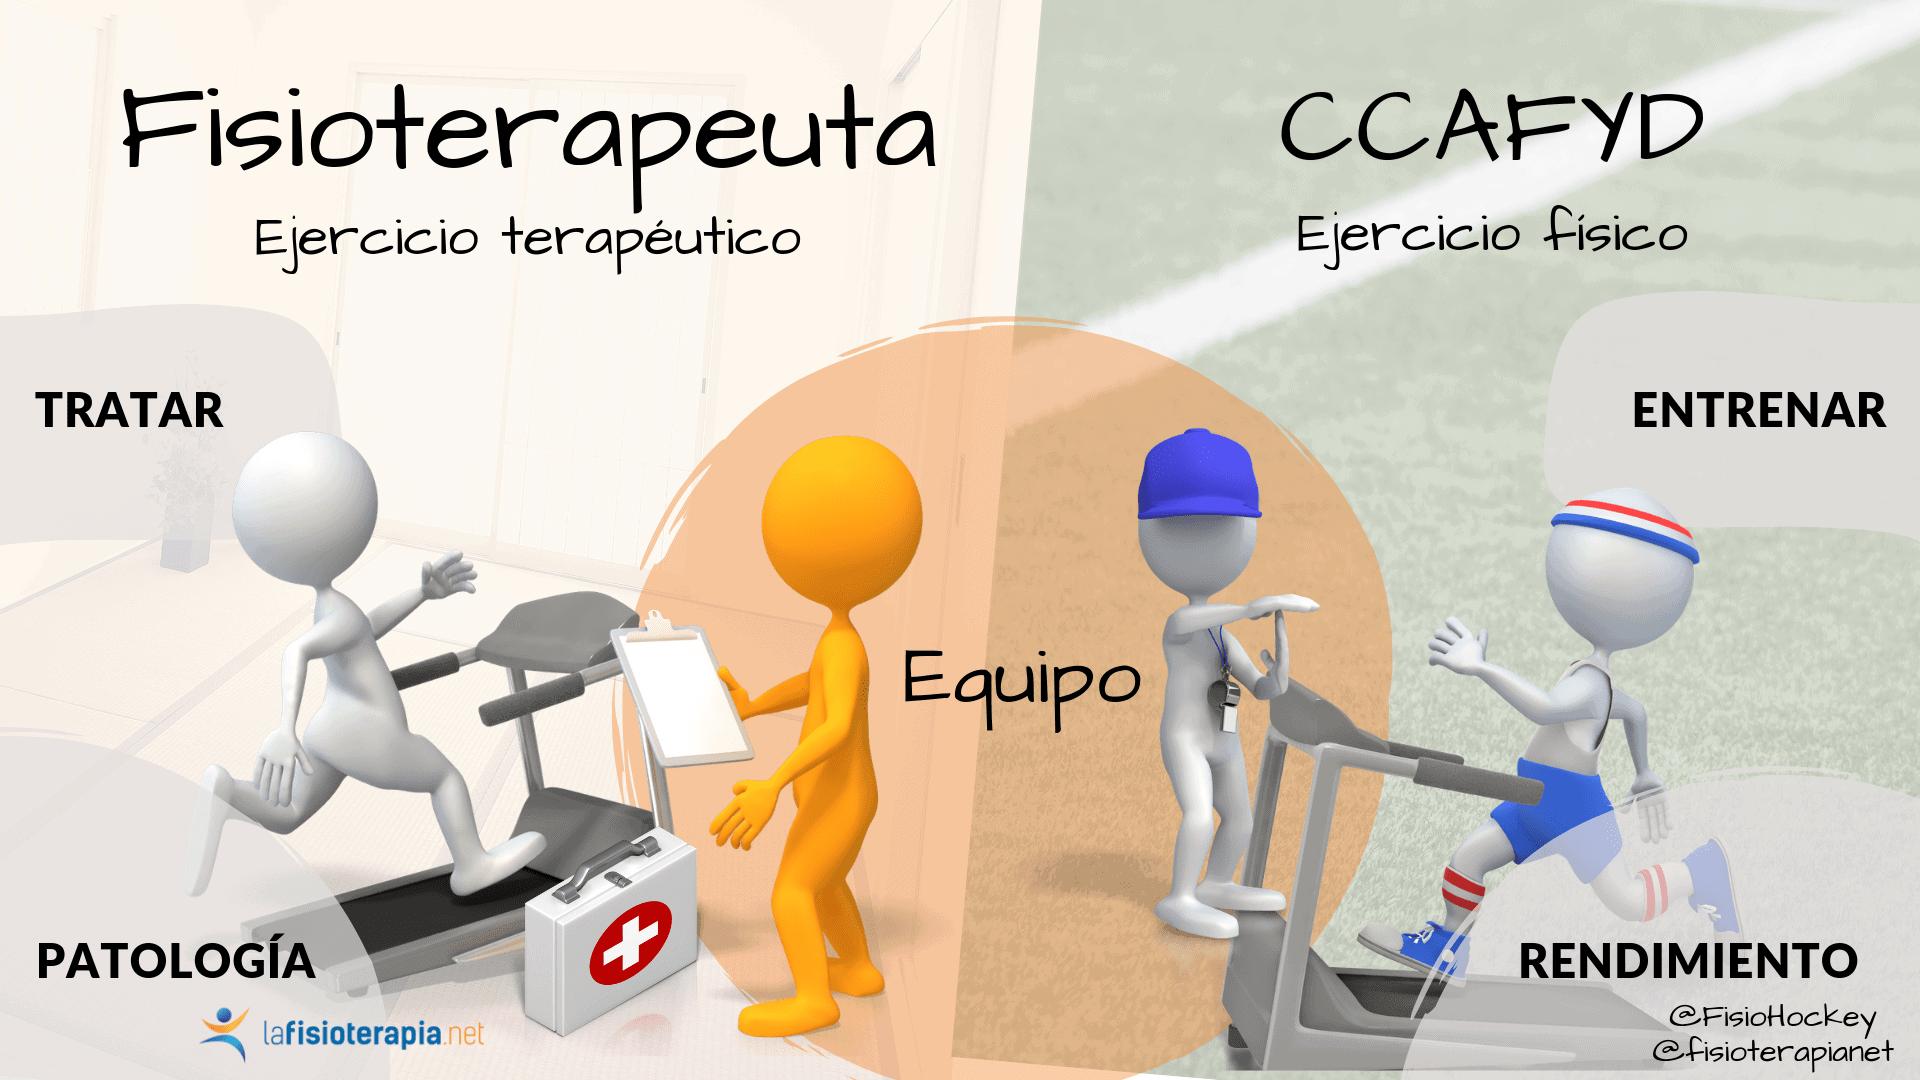 fisioterapeuta trabaja en equipo